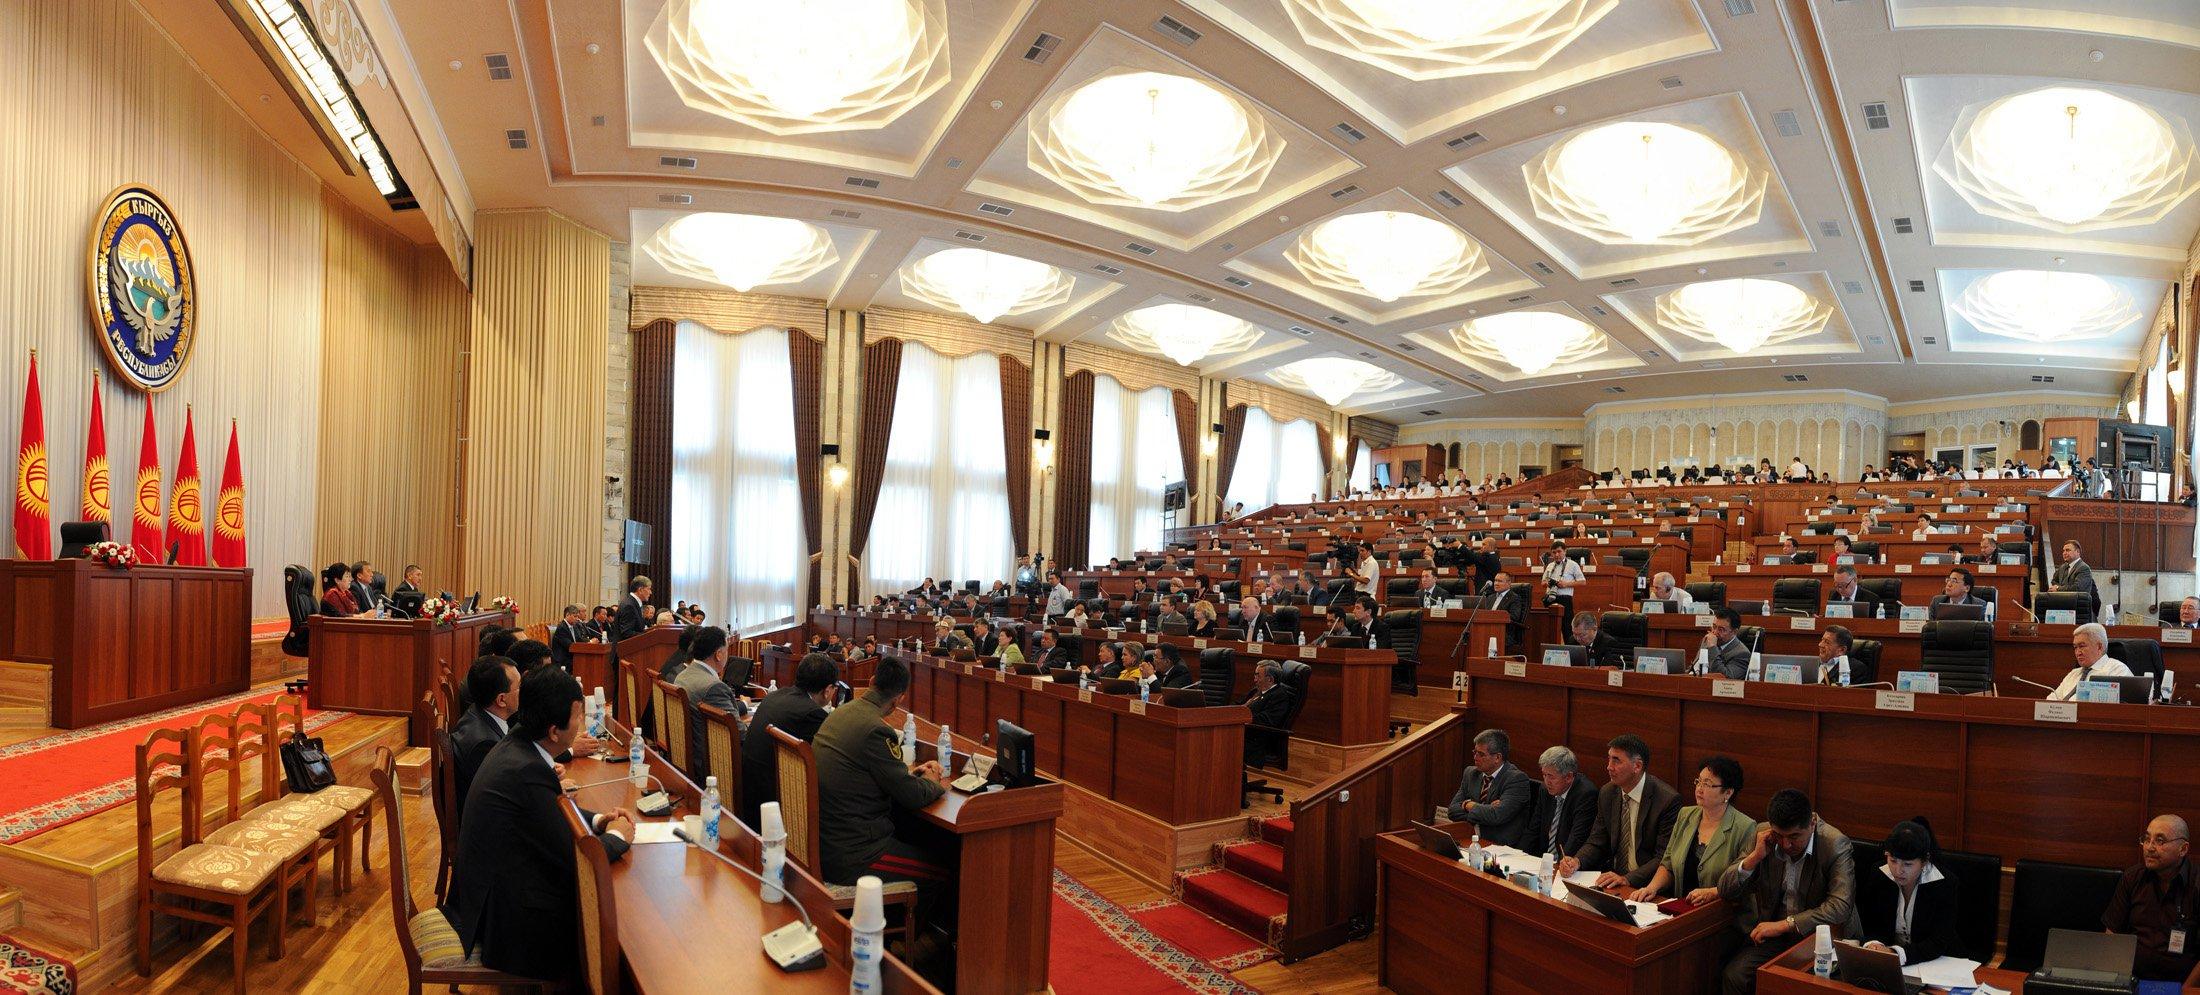 Следующий шаг после распада коалиции - отставка всех министров. Фото: Озодагон